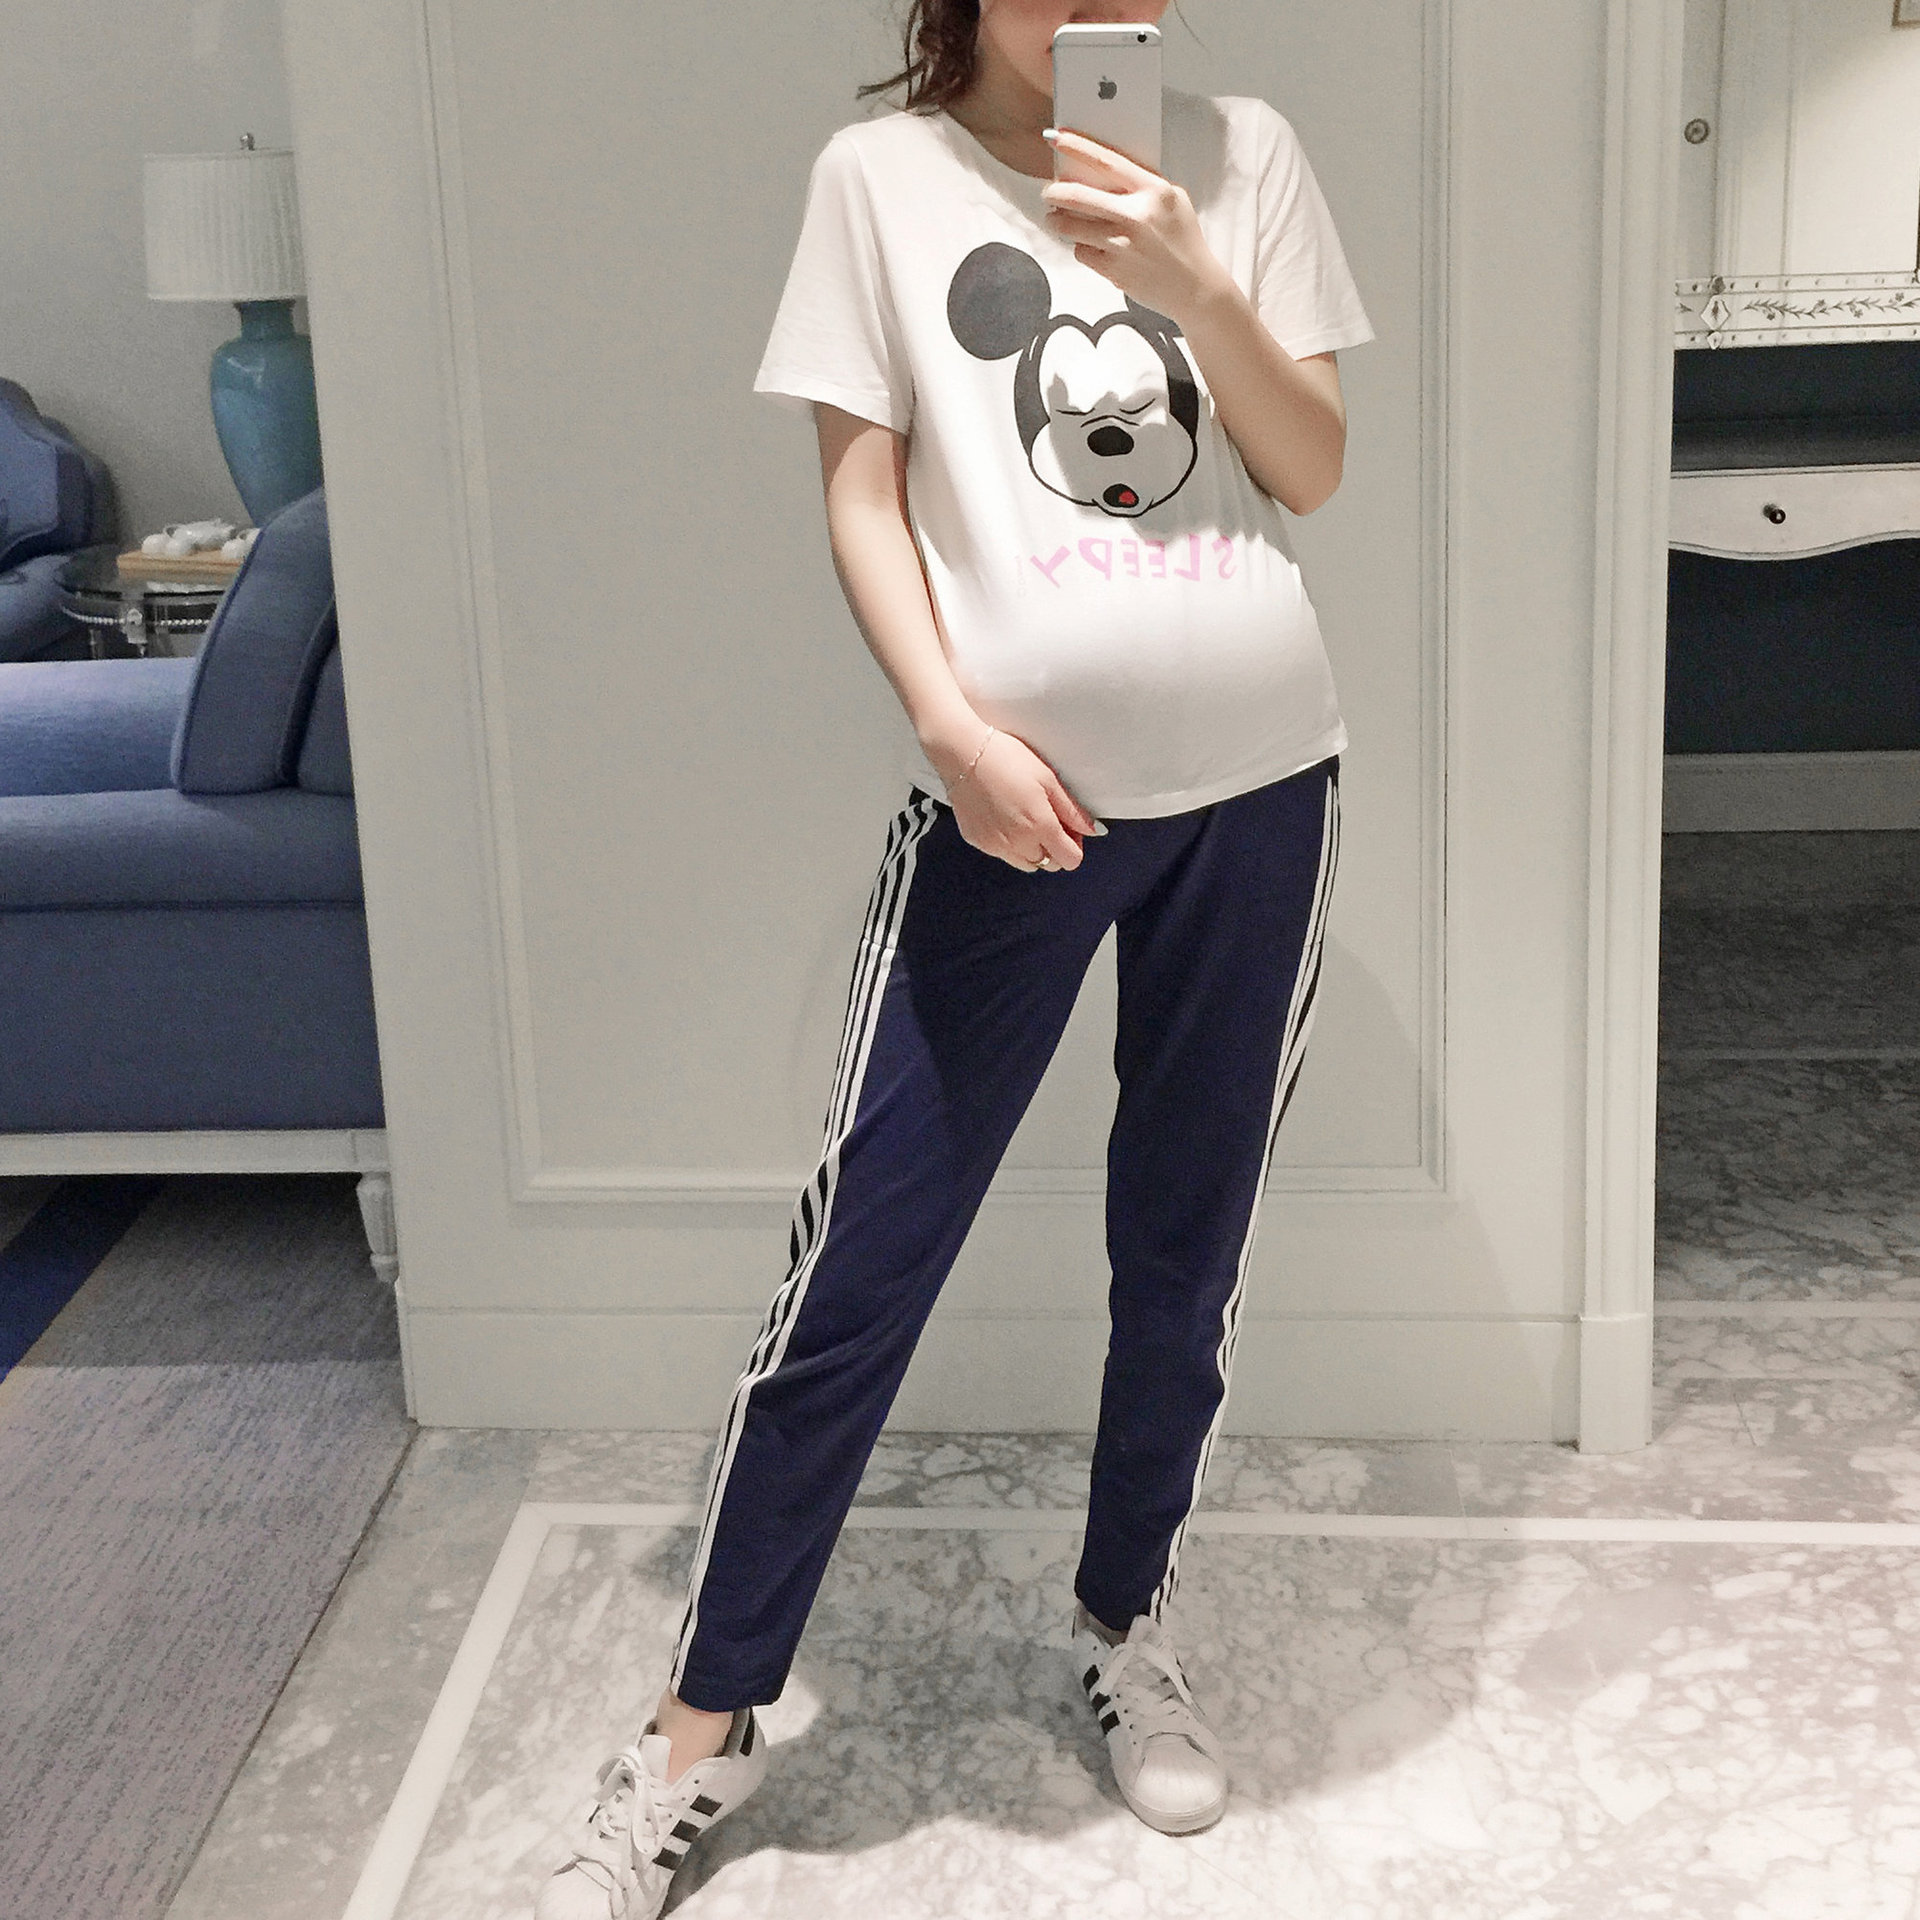 Pregnancy sports pants